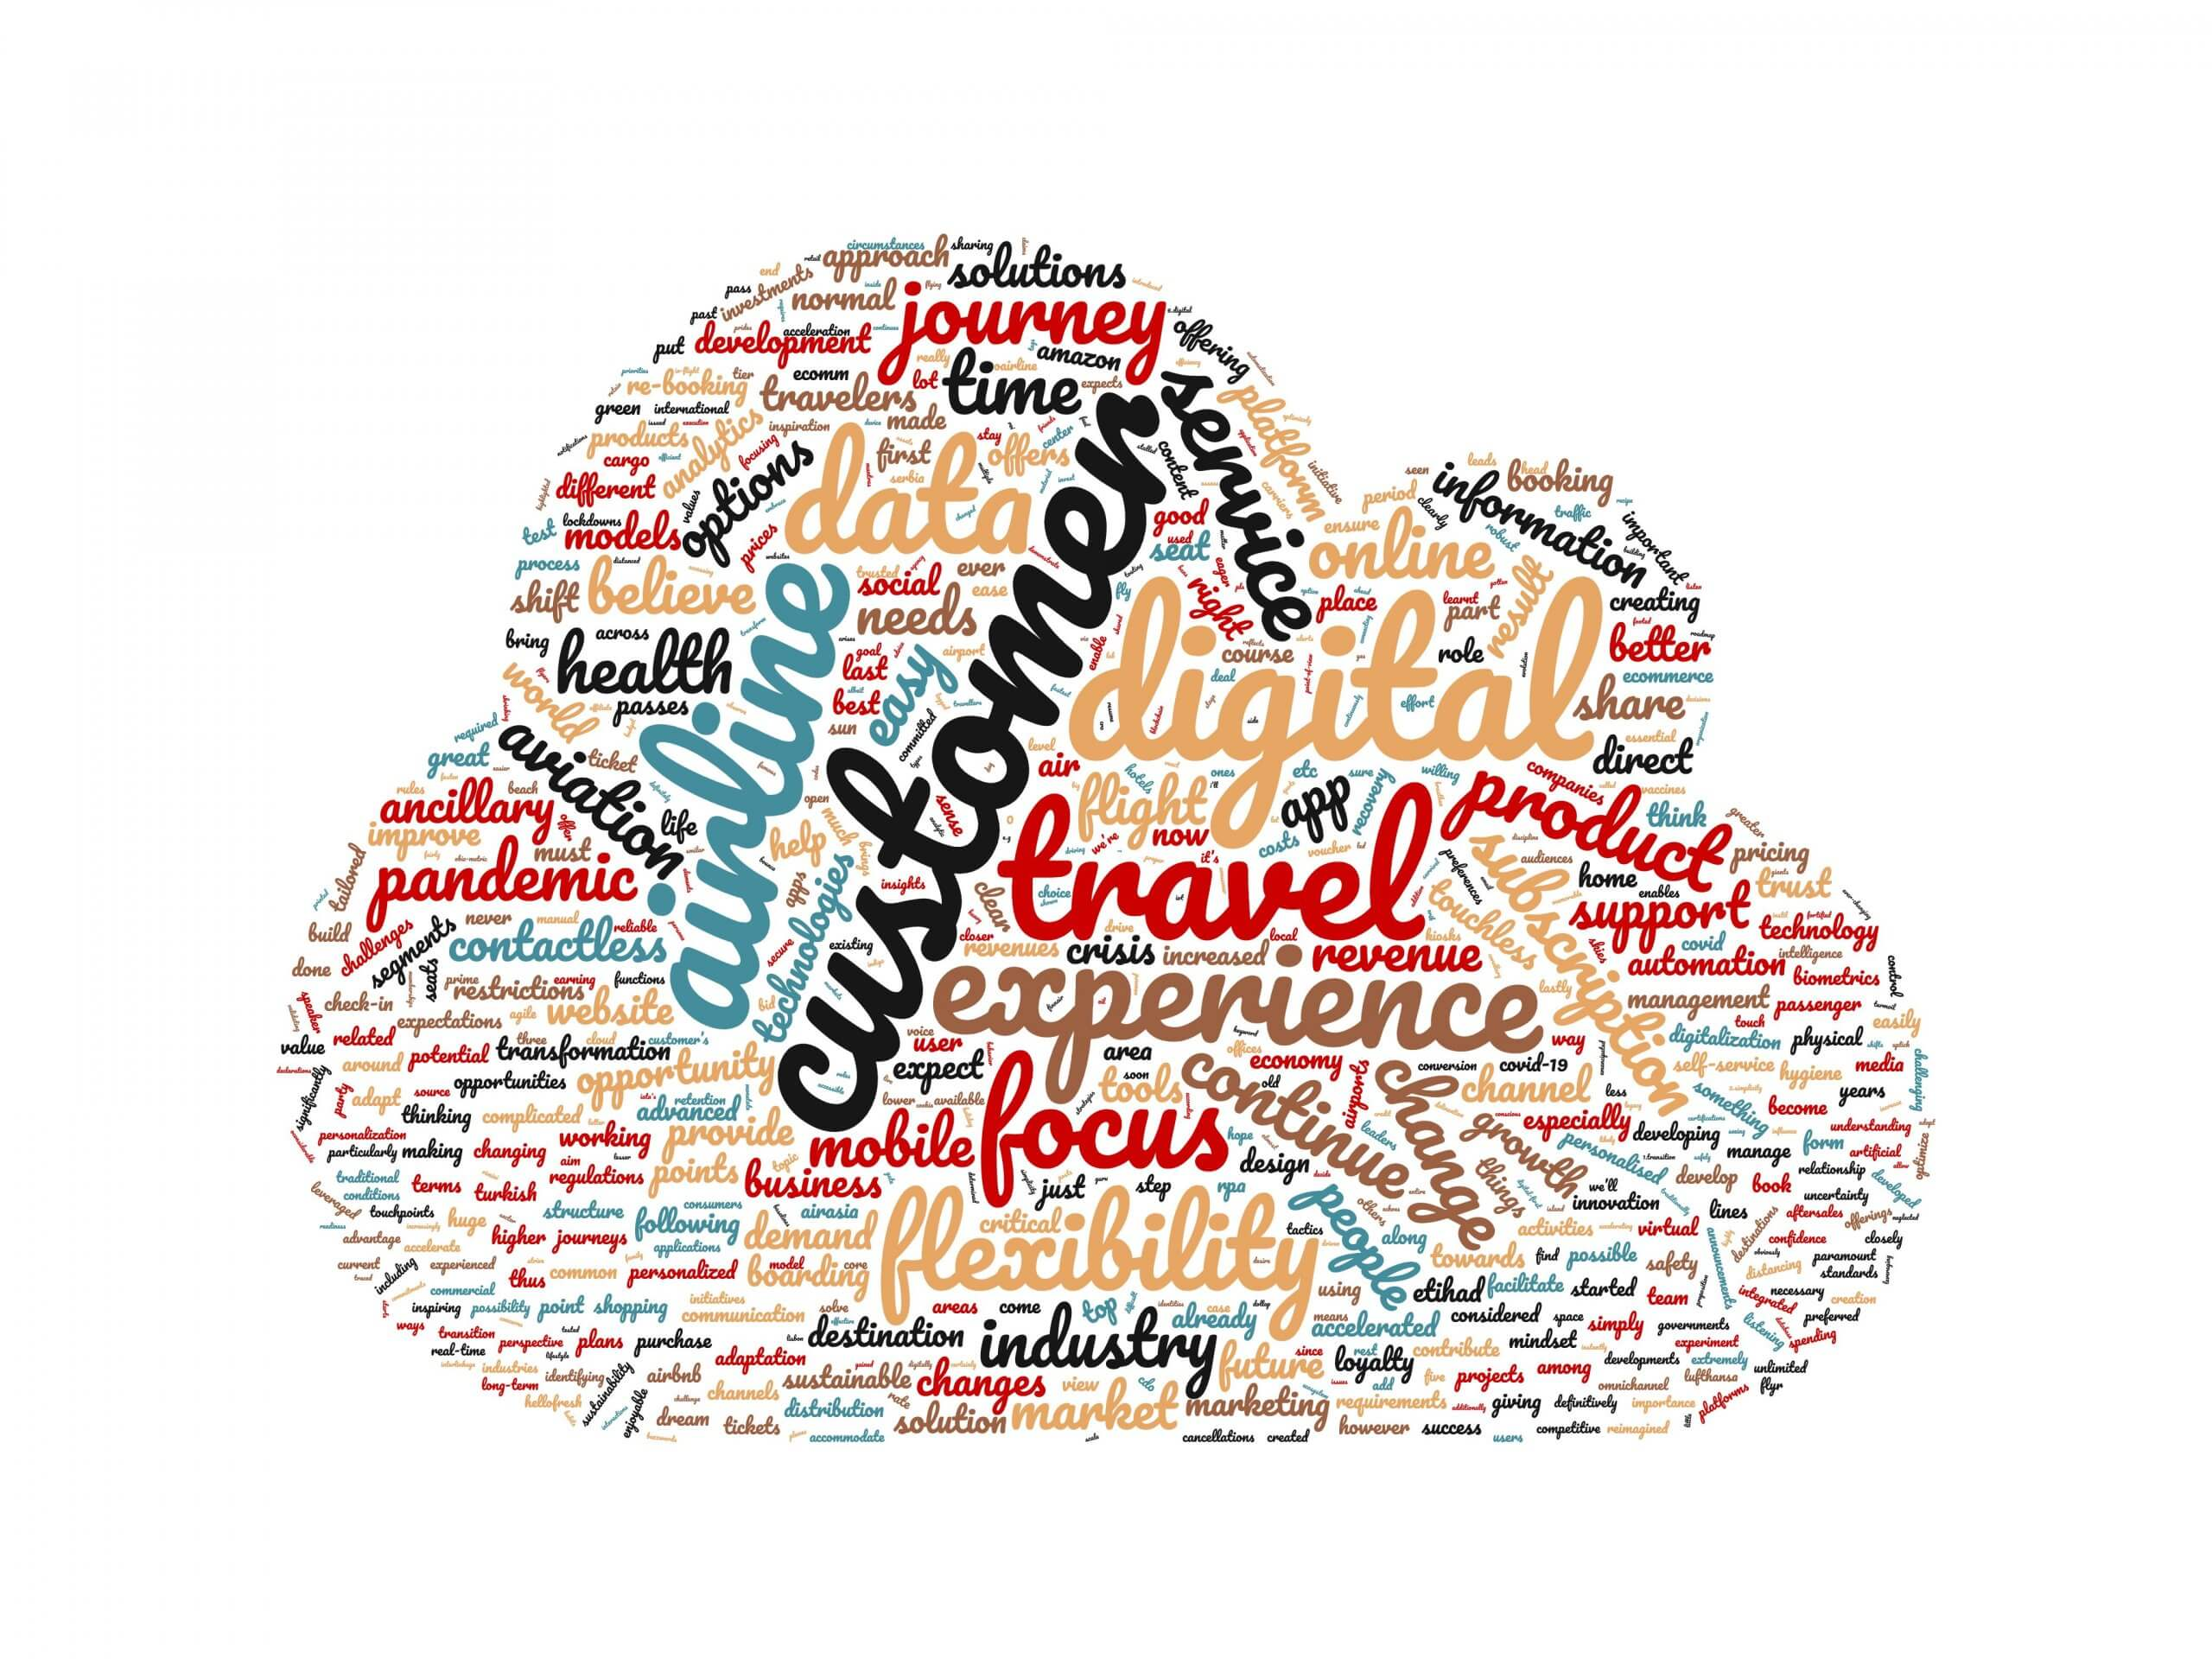 2021 Airline Digital Trends wordcloud